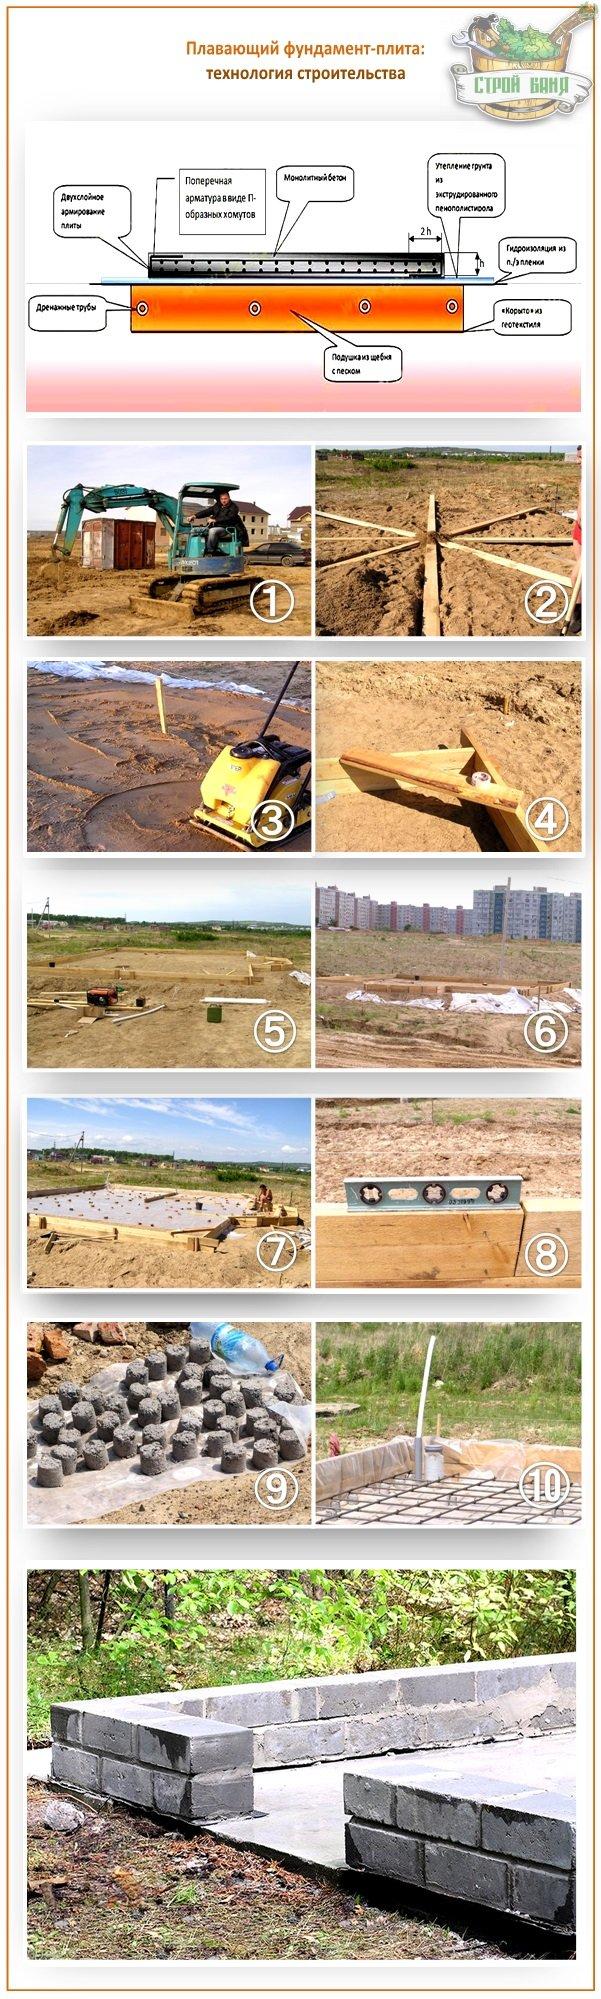 Как построить плавающий фундамент